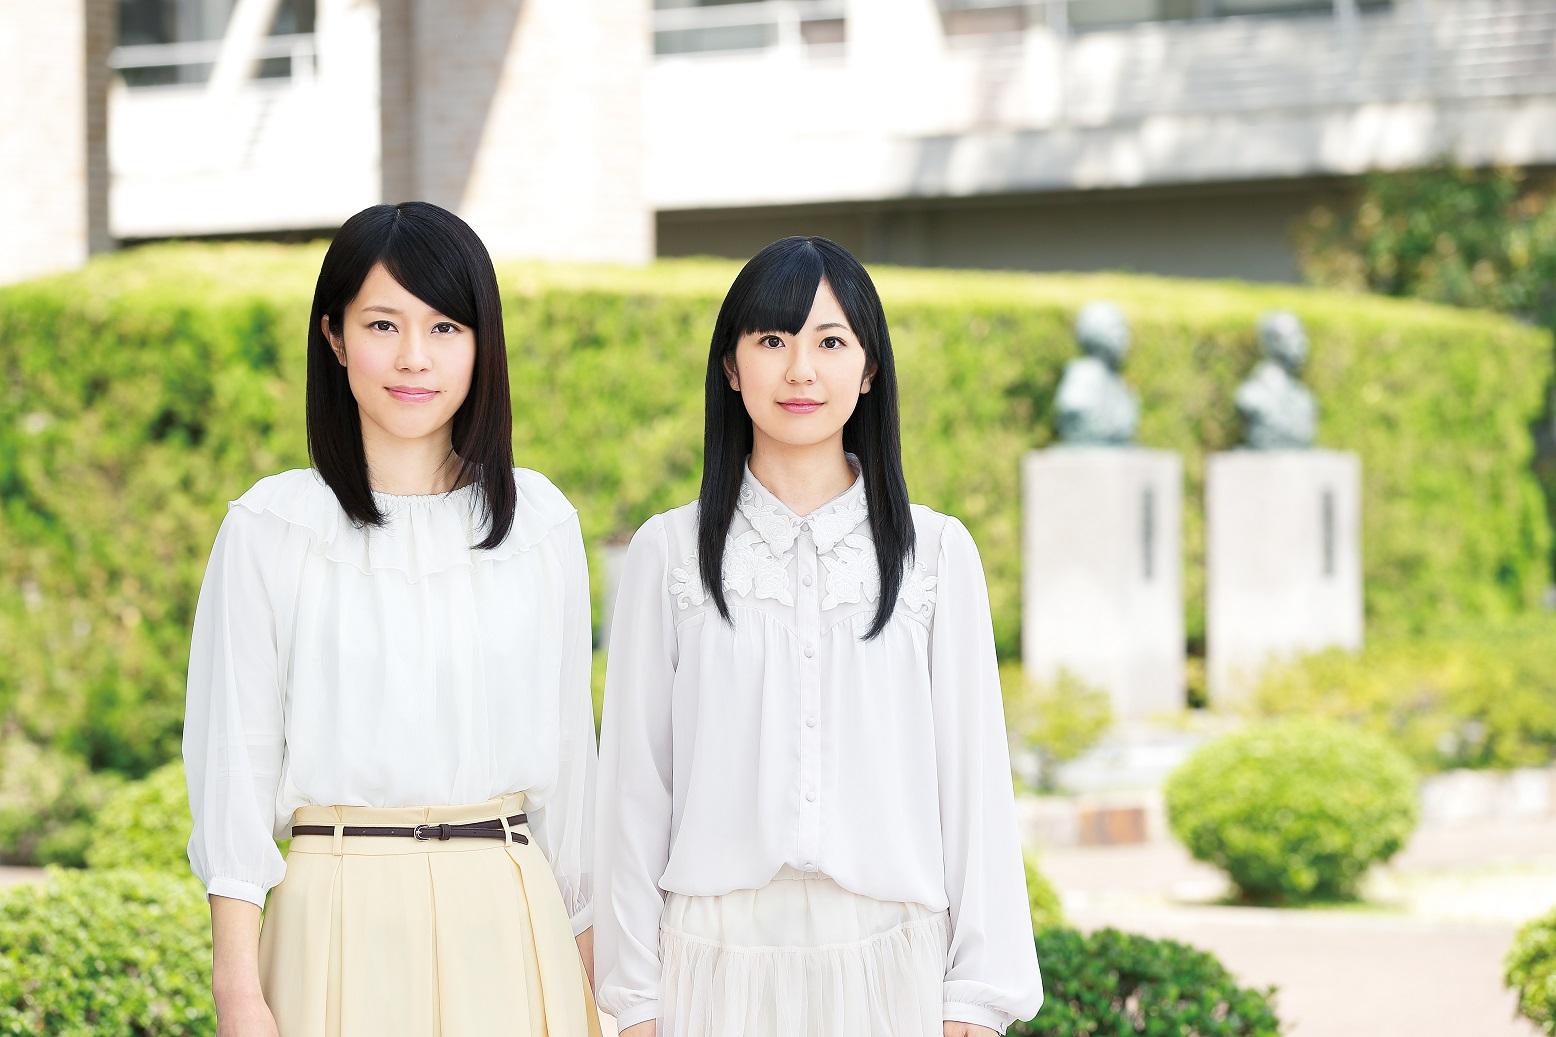 名古屋大学の女子大生の異常さですが、家族は気が …